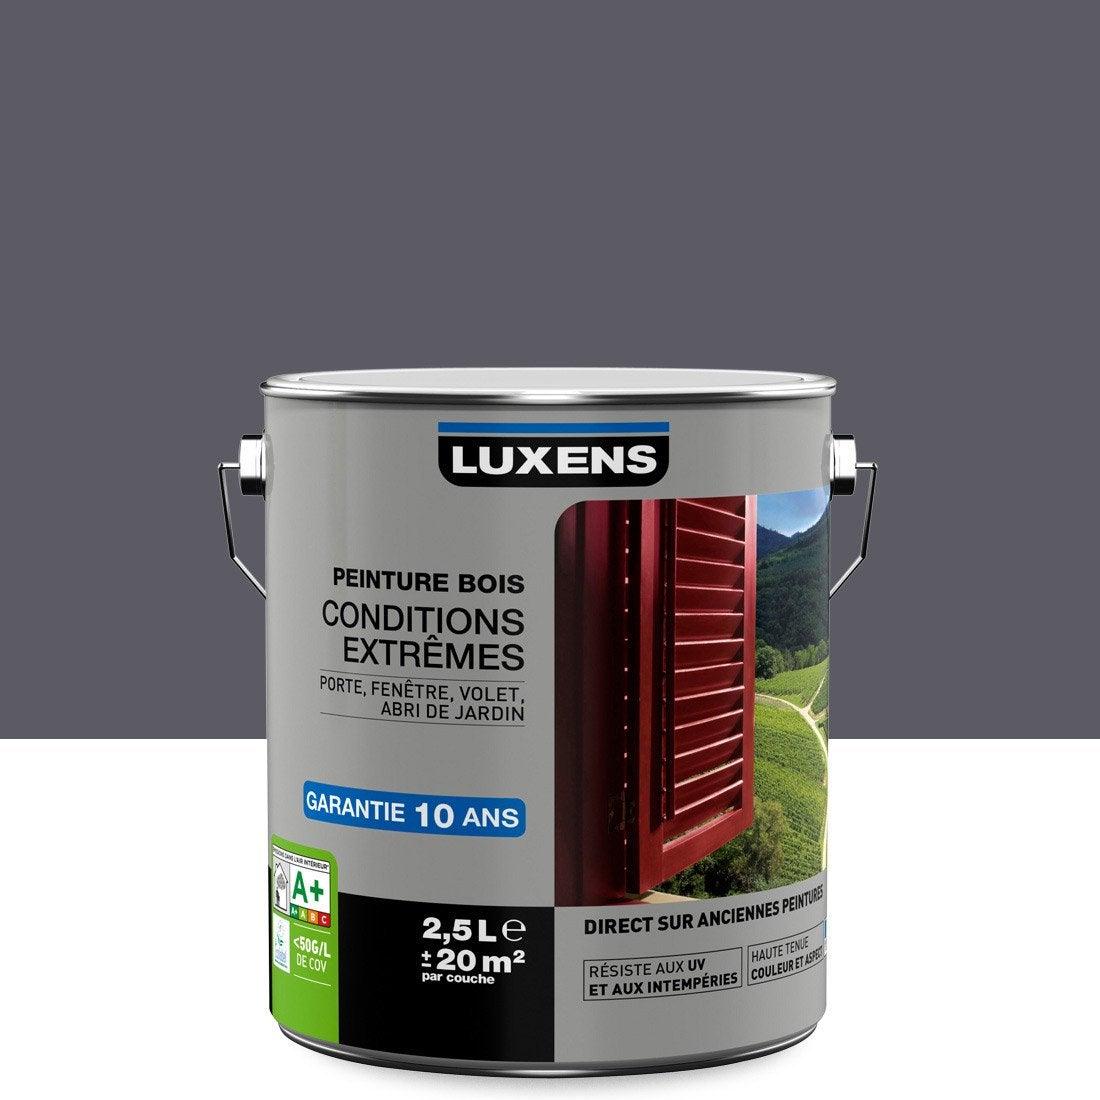 Couleur Peinture Volet Bois peinture bois extérieur conditions extrêmes luxens, gris galet n°1, 2.5 l